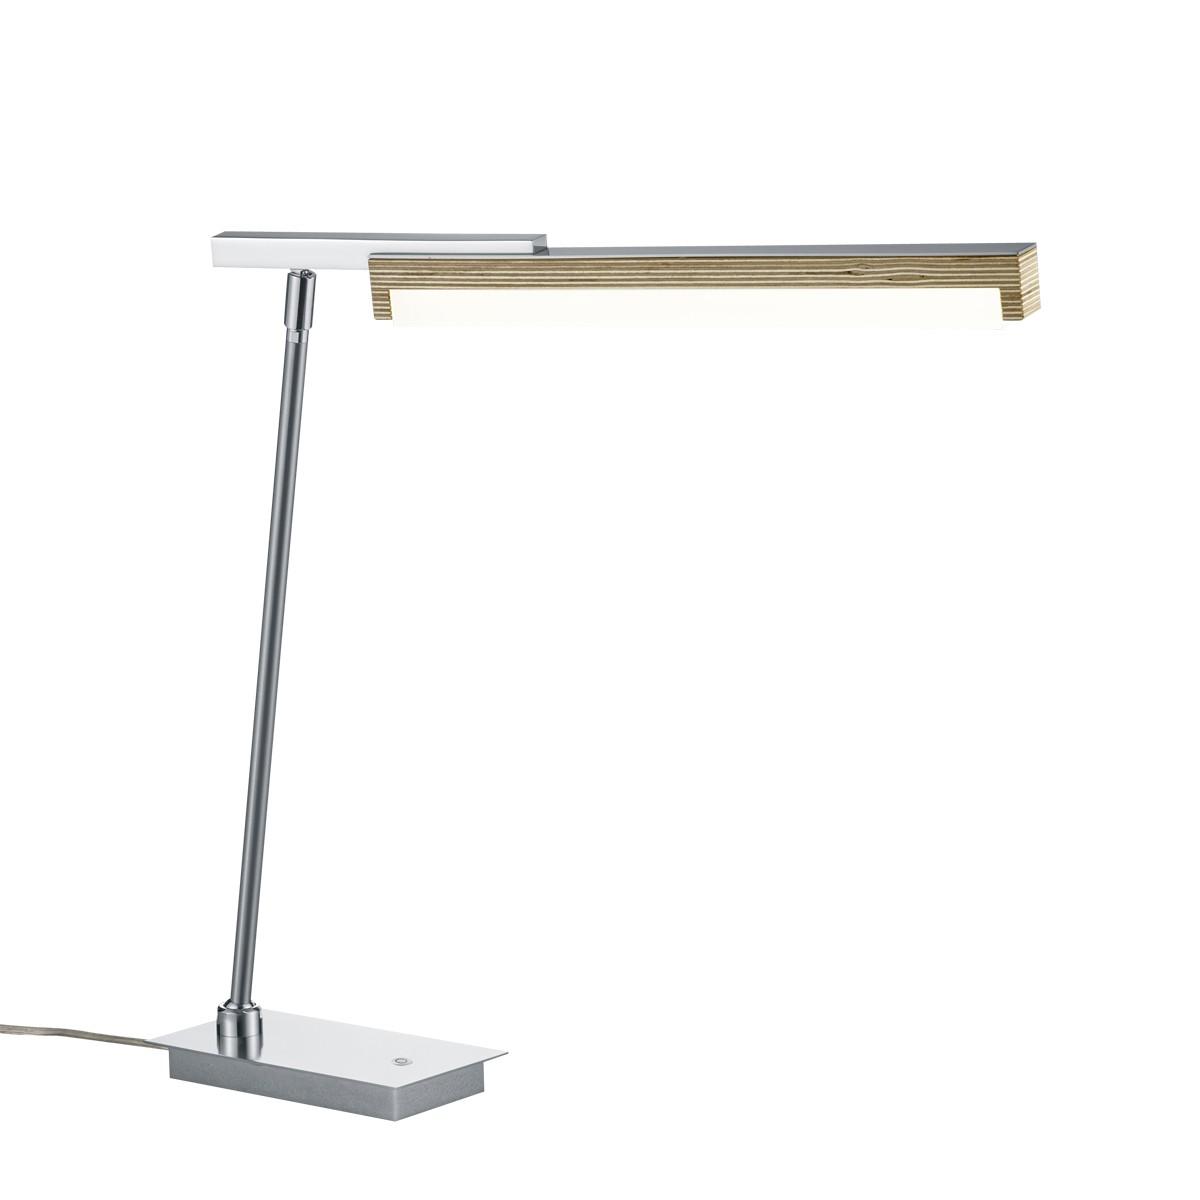 B-Leuchten Stripe Tischleuchte, Multiplex / Nickel matt